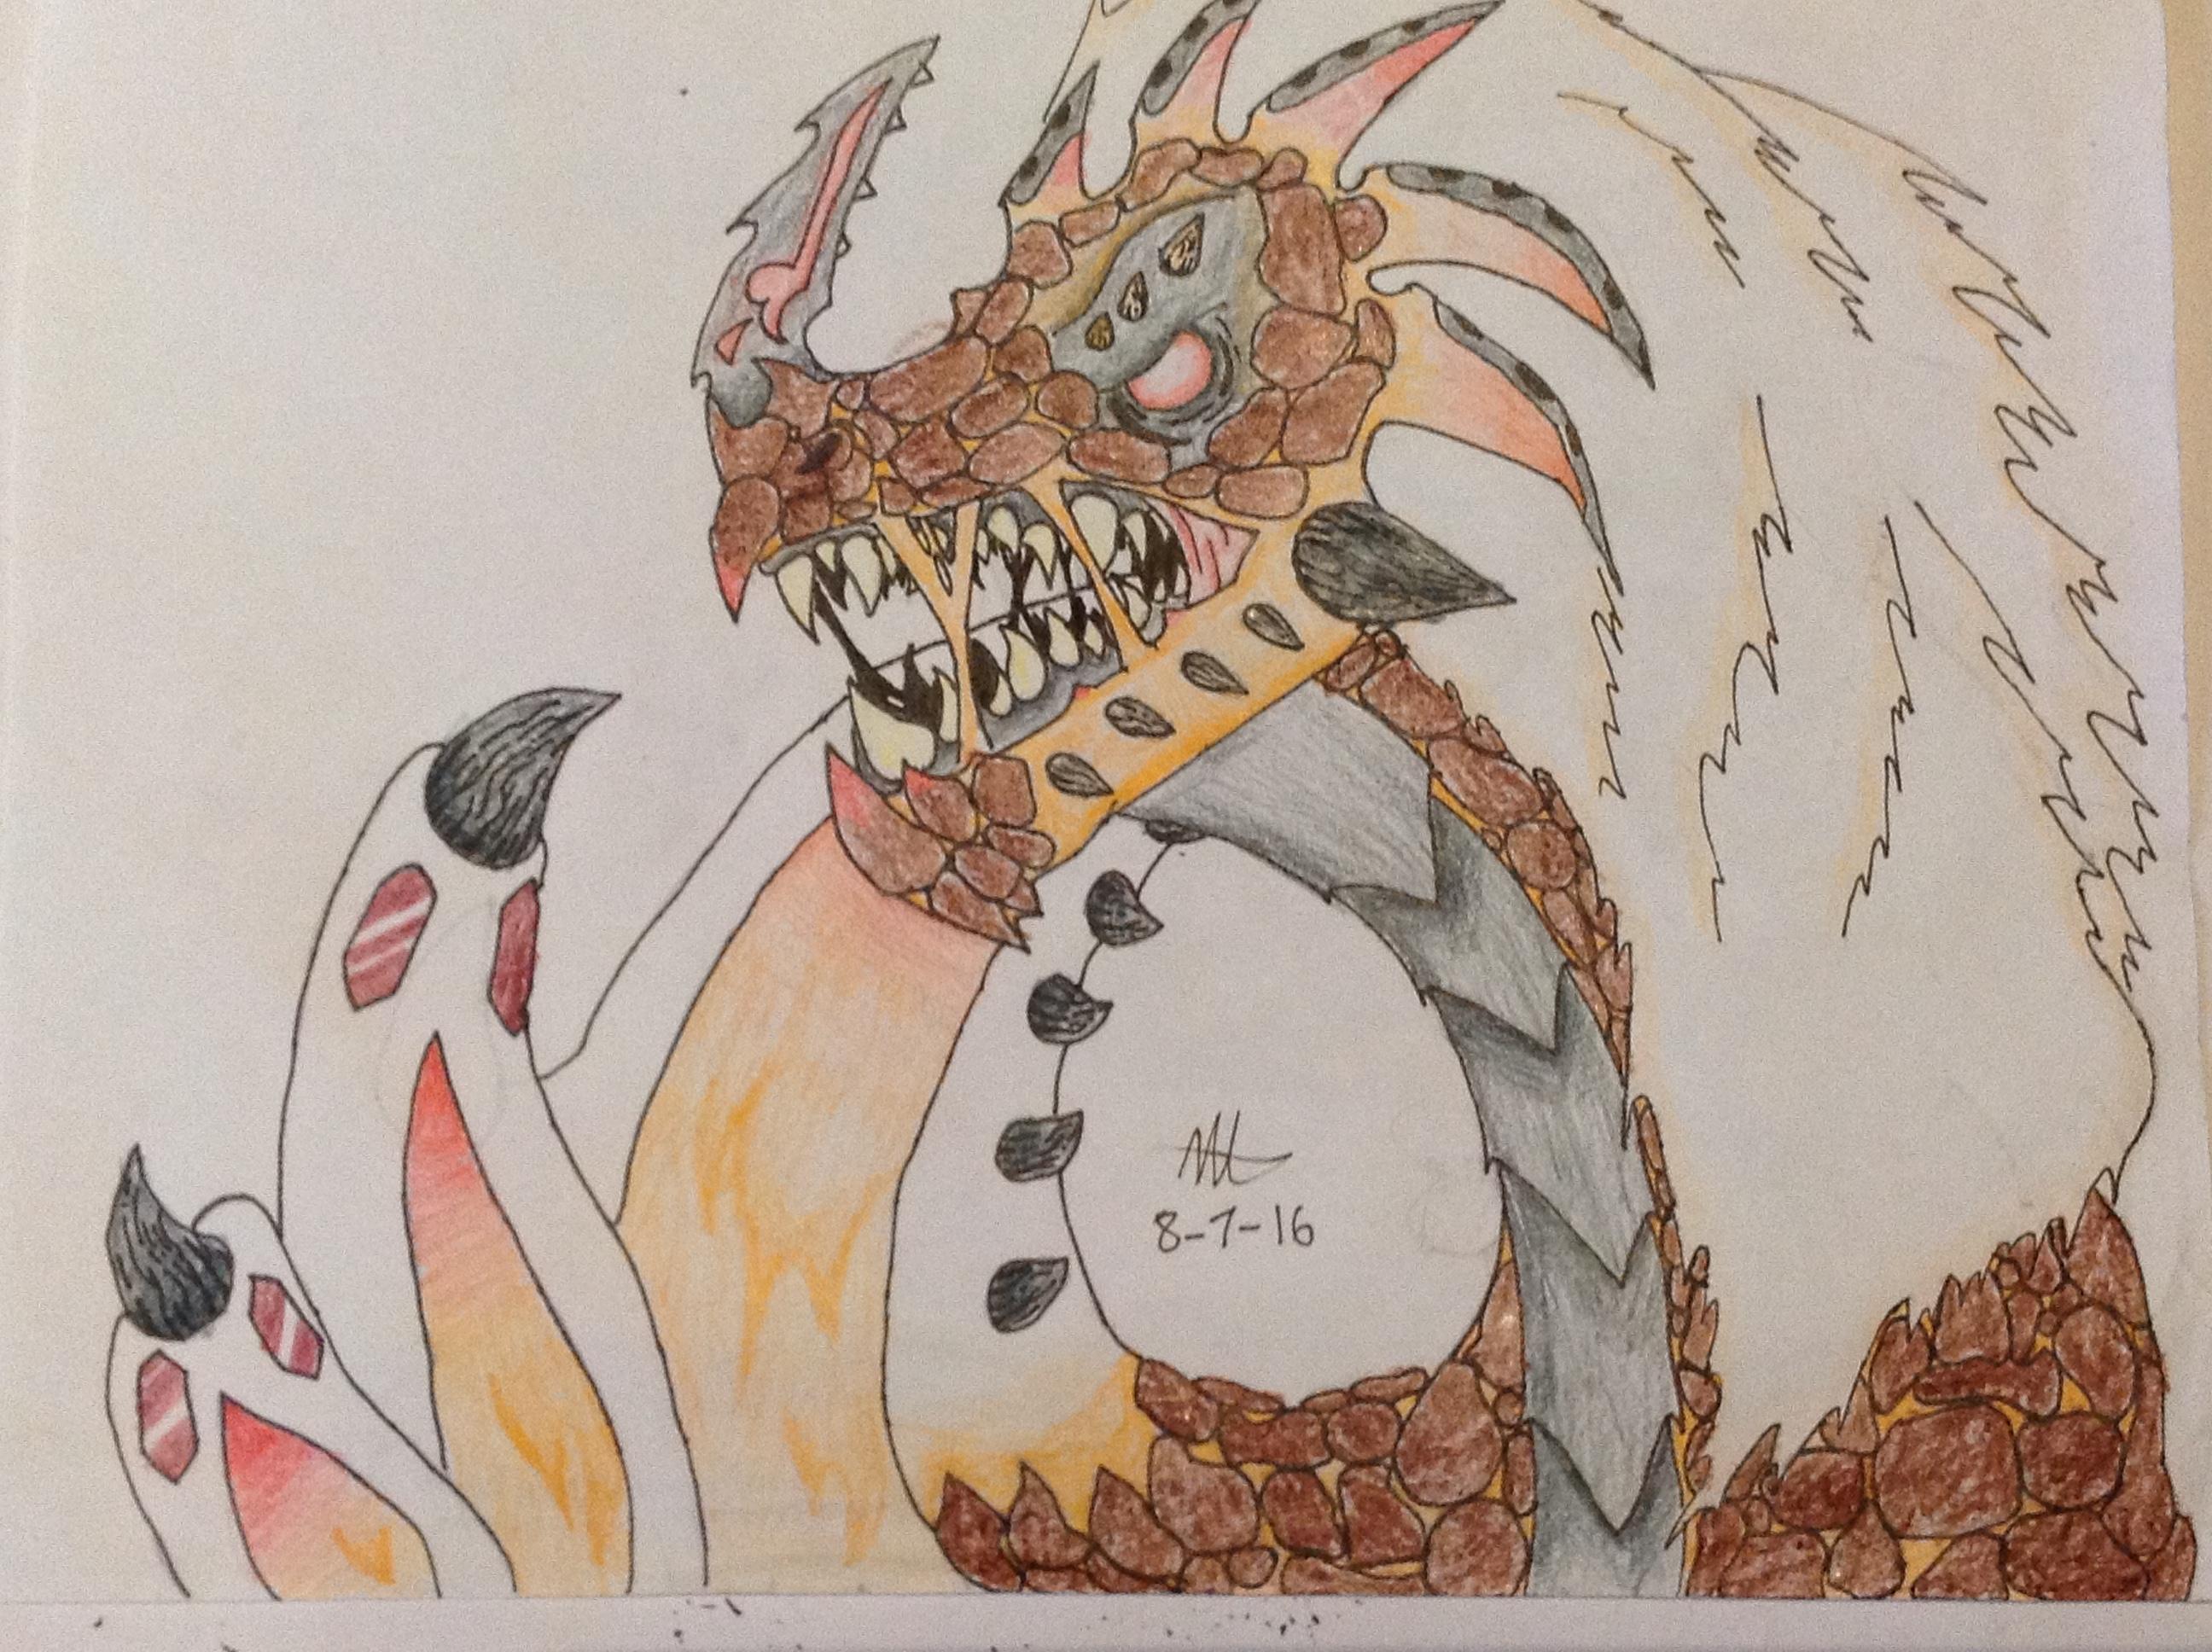 Mantle Dragon